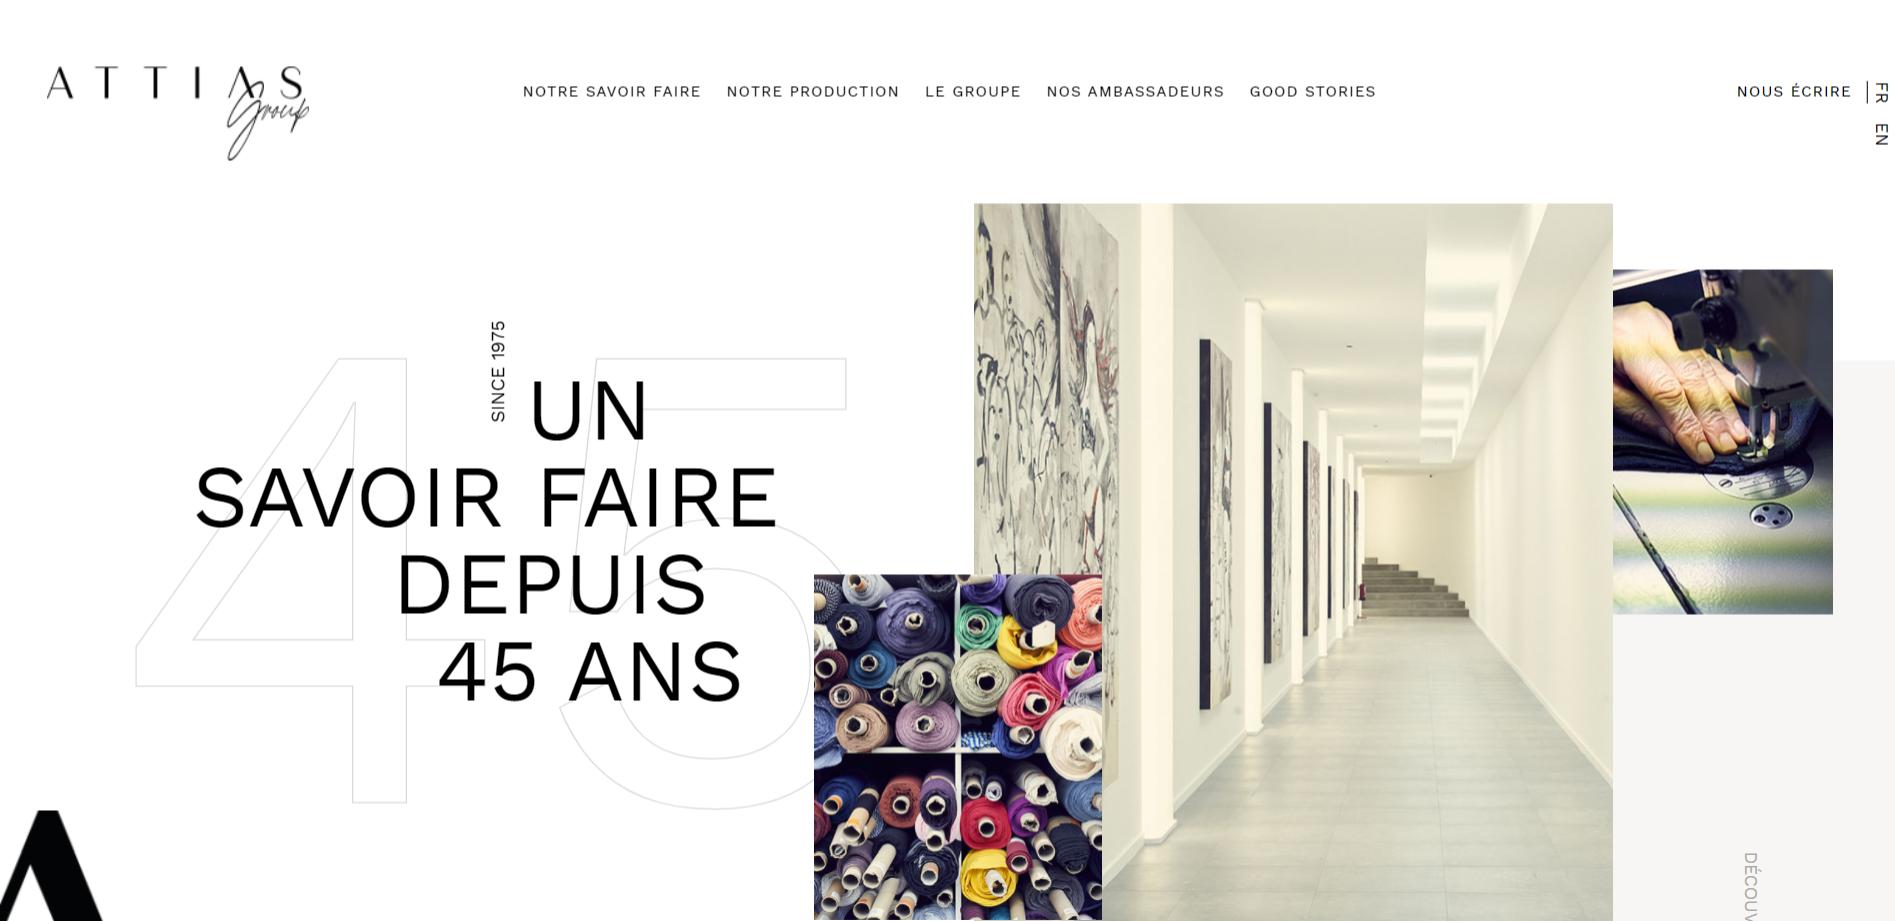 Fabricant et fournisseur de vêtements pour l'industrie de la mode - Attias Group